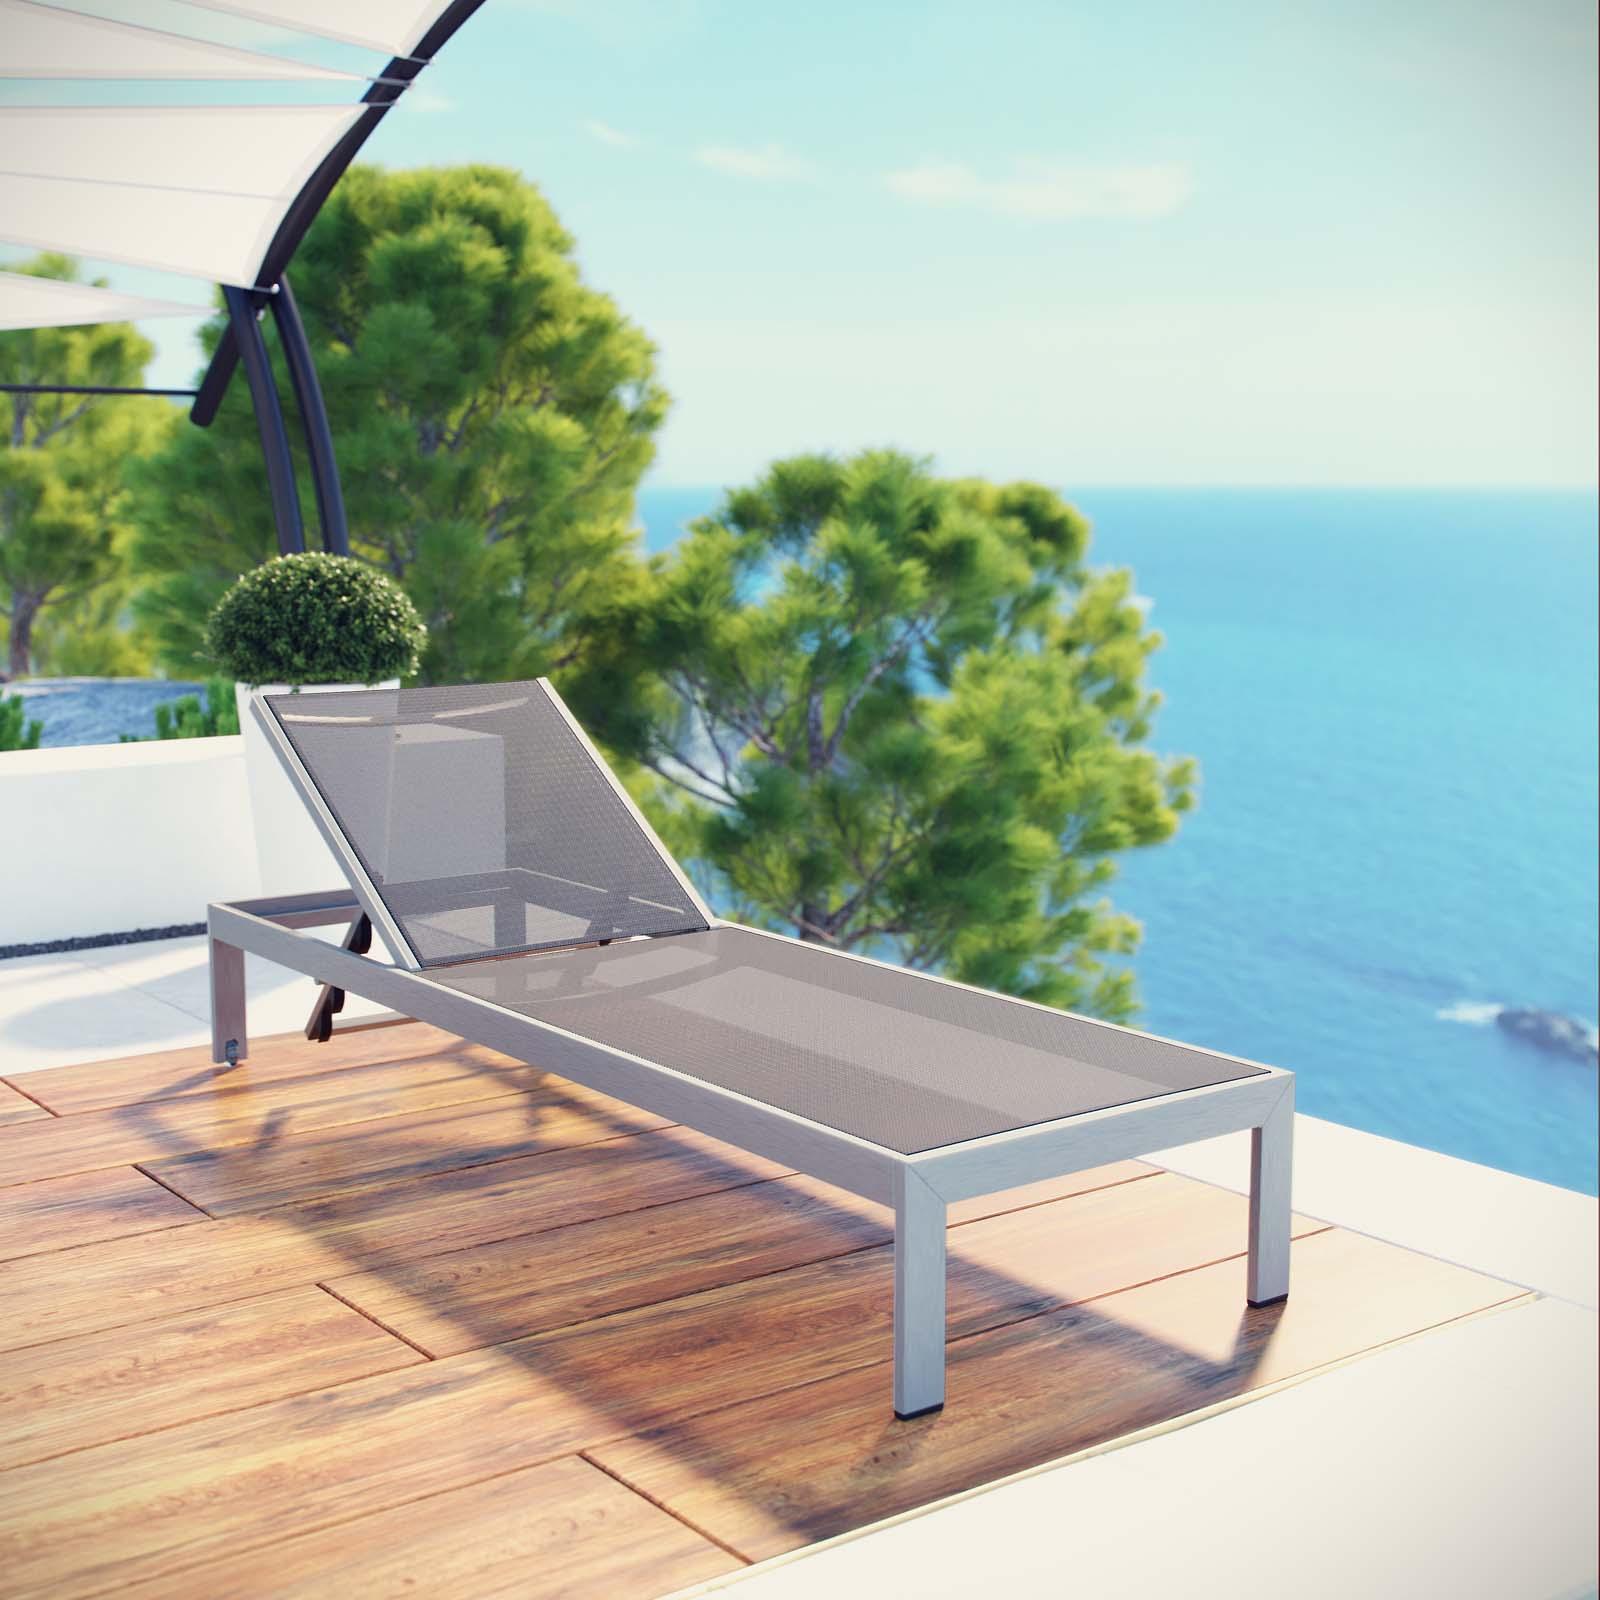 Modway Shore Outdoor Patio Aluminum Mesh Chaise, Multiple Colors